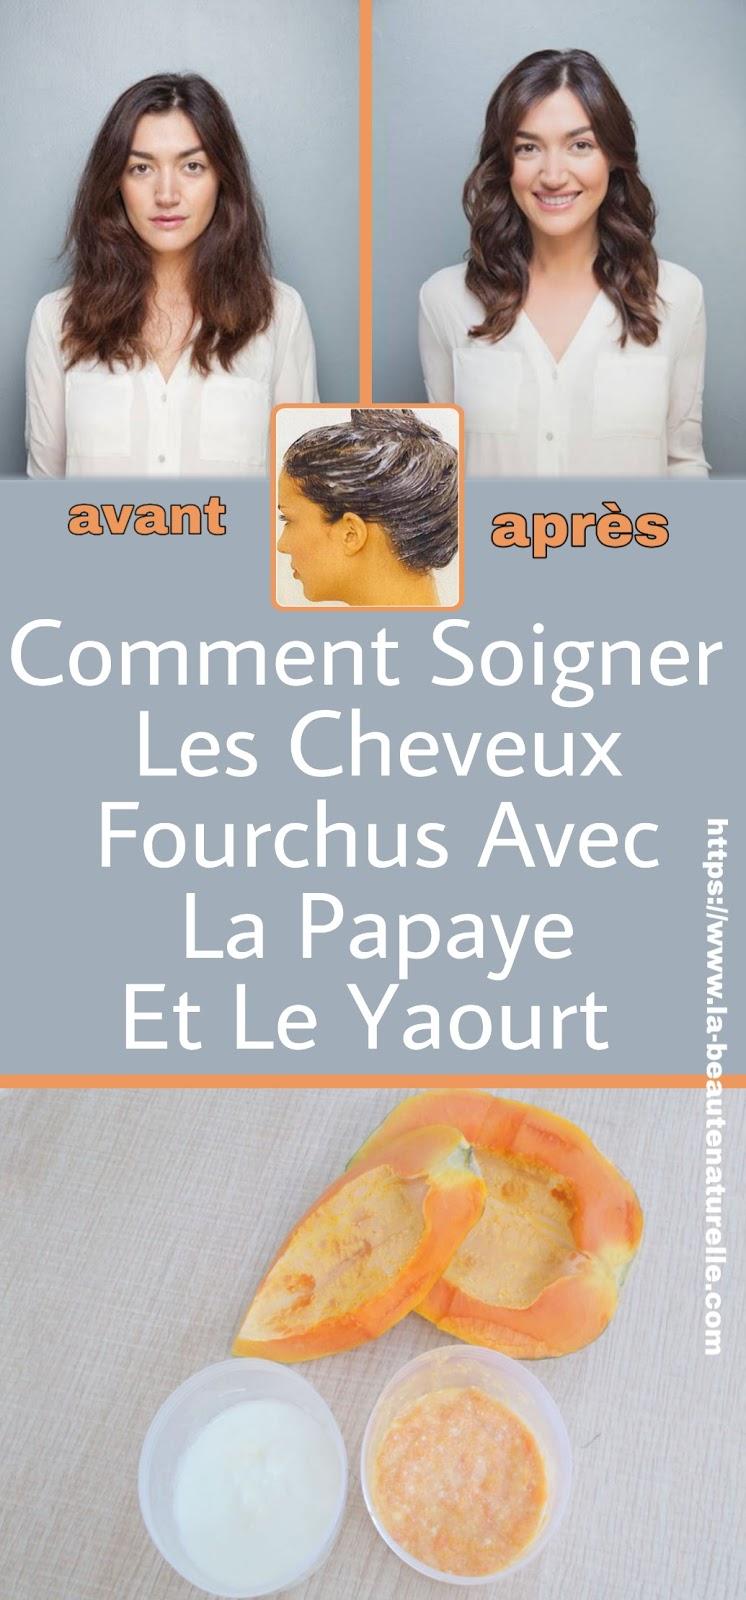 Comment Soigner Les Cheveux Fourchus Avec La Papaye Et Le Yaourt